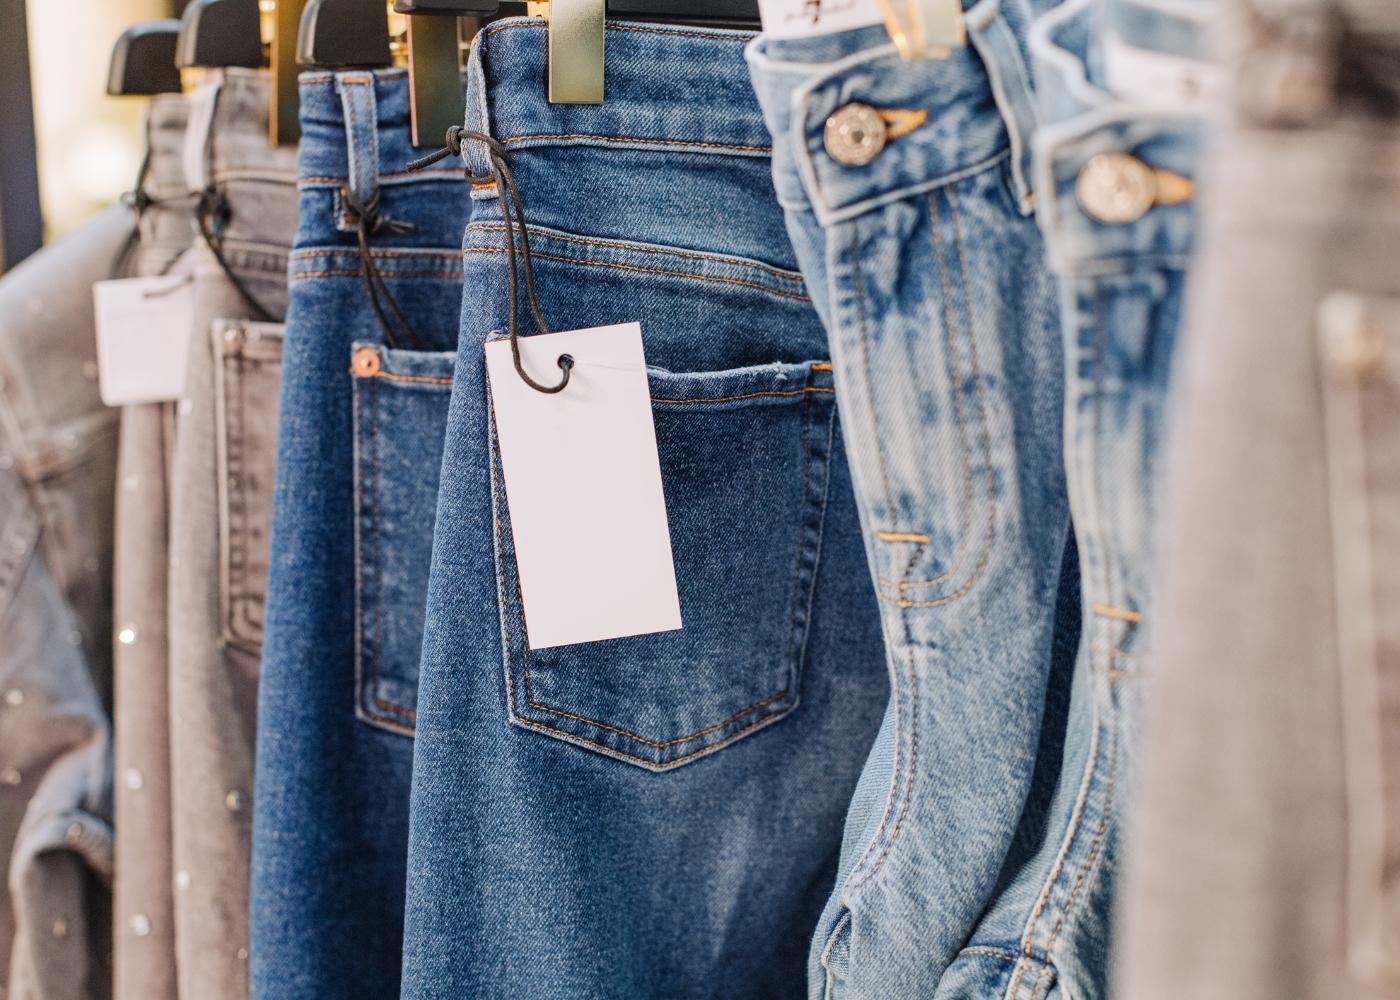 calças de ganga em cabide